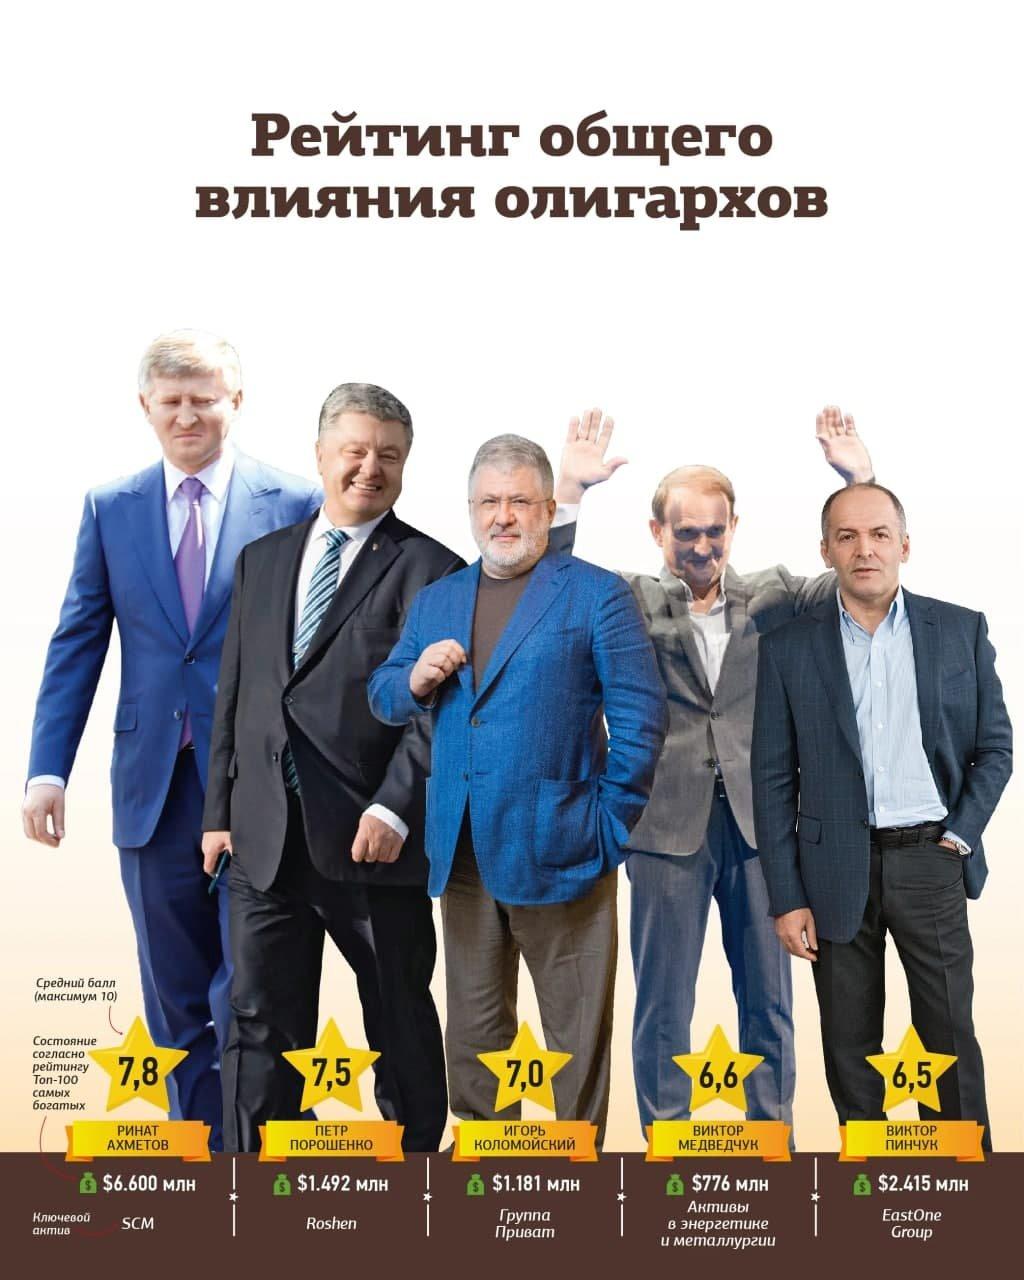 Хозяева Украины. Ахметов возглавил рейтинг самых влиятельных олигархов страны, фото-1